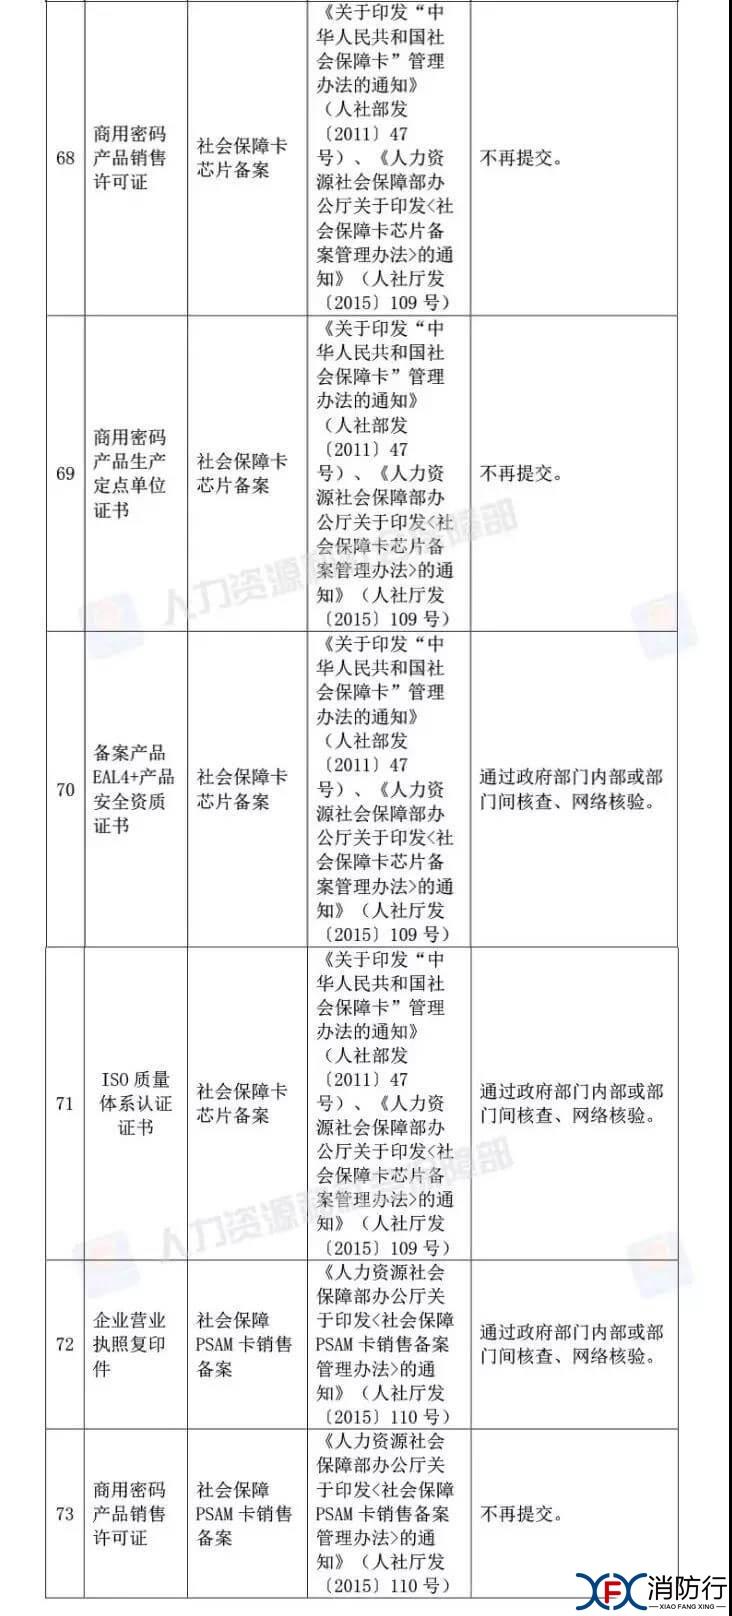 考试 人社部:资格考试审核不用再提供学历和相关工作年限证明!6.jpg.jpg